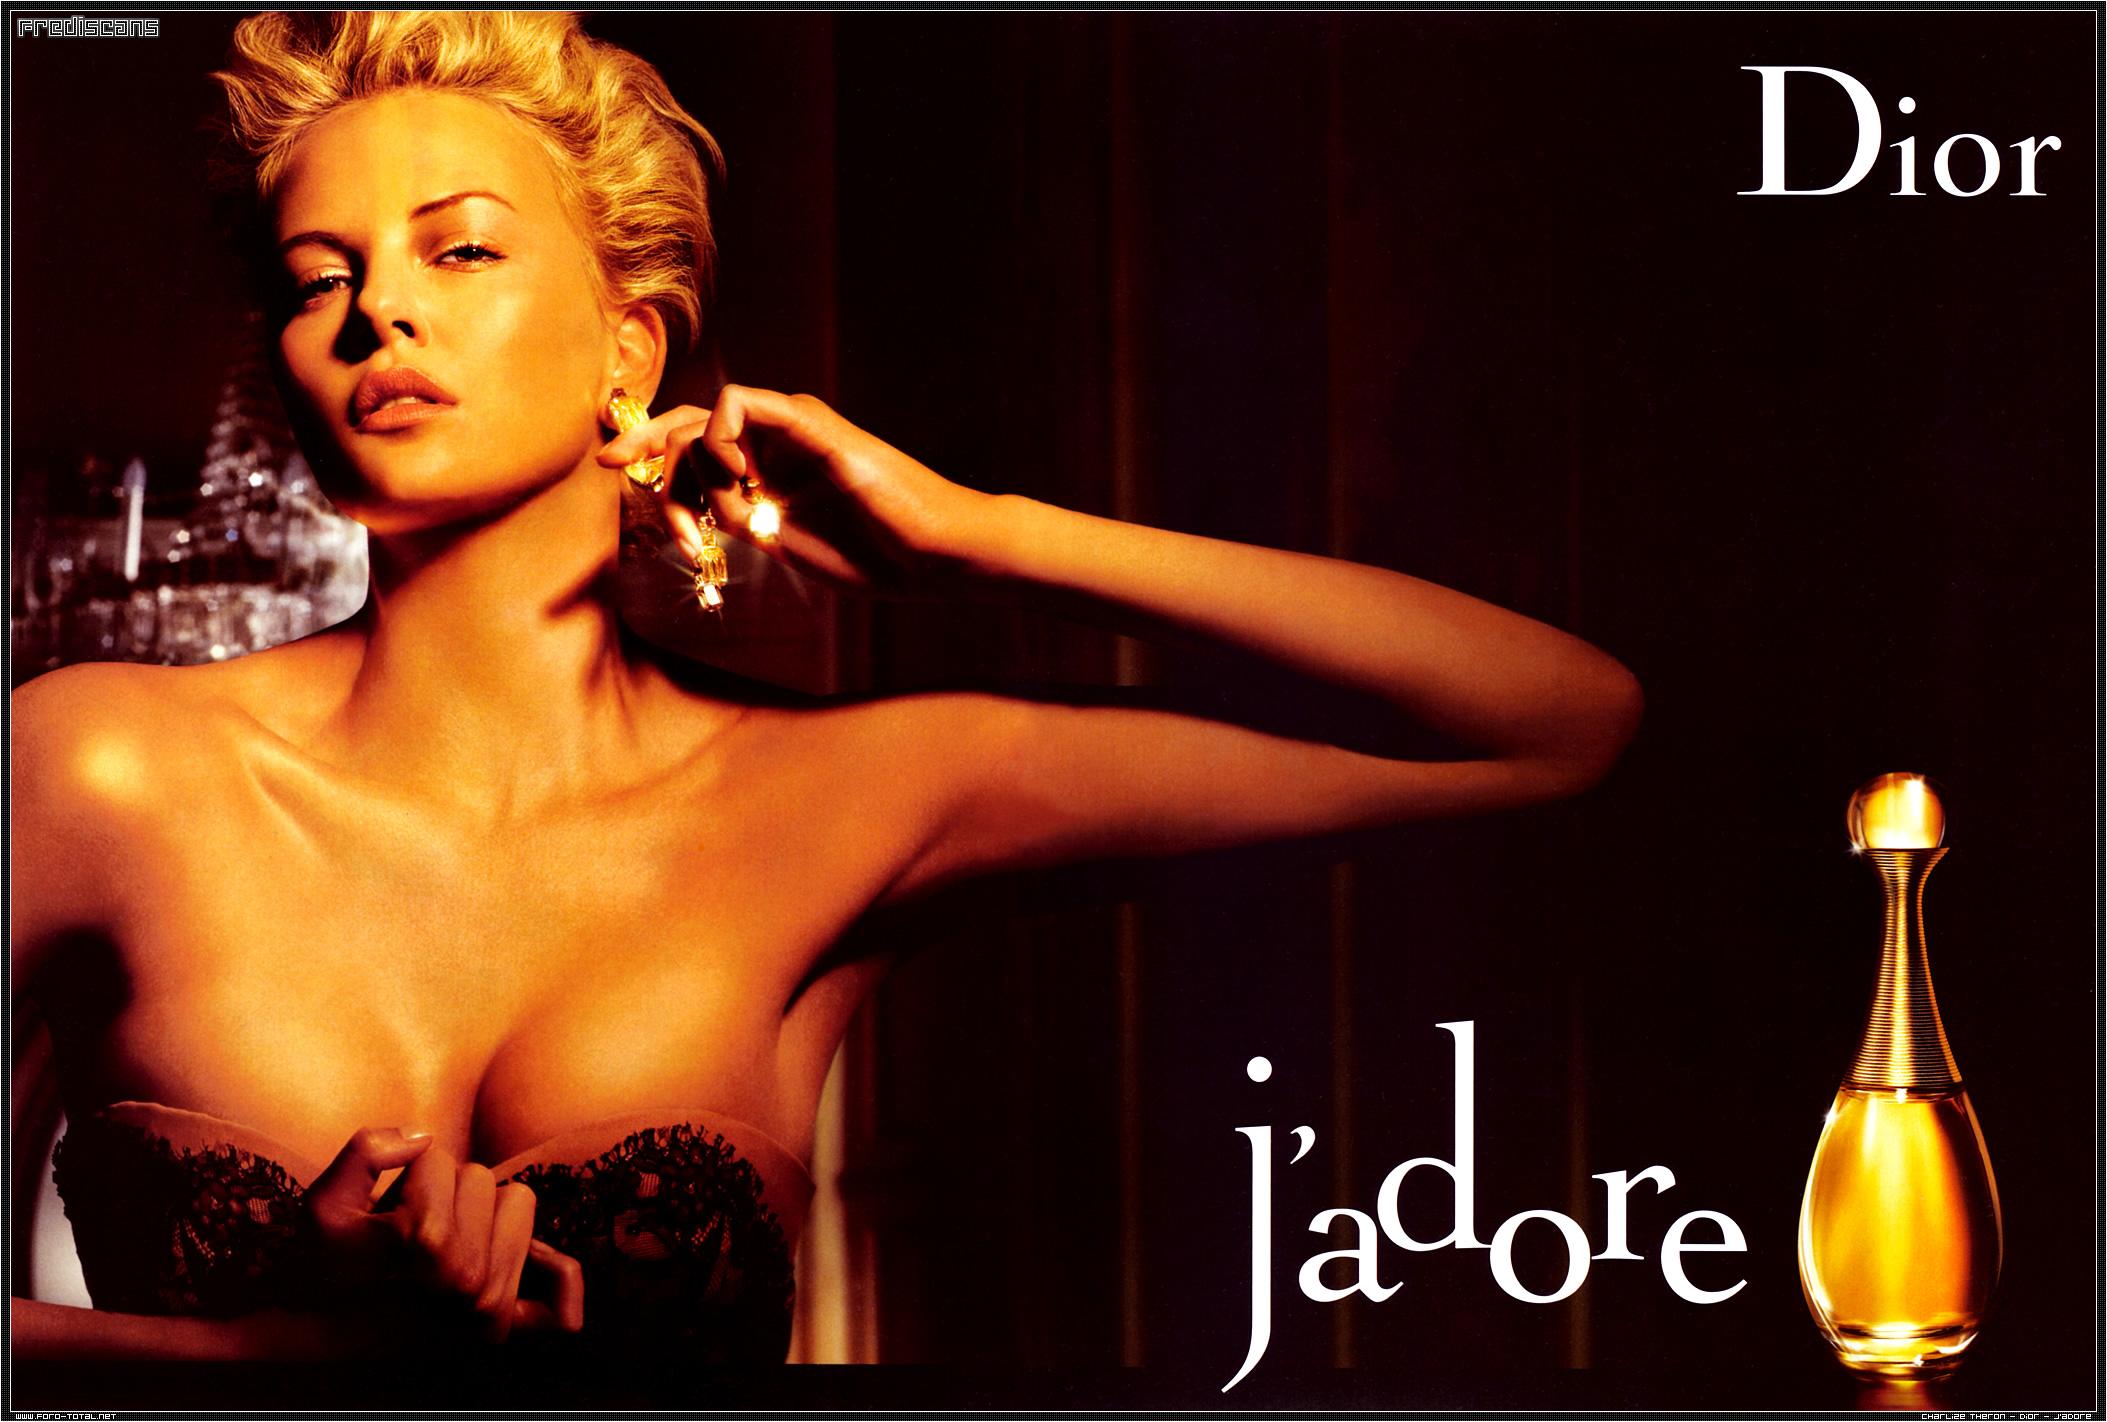 21869_CTheron_Jadore_Dior_01_122_74lo.jpg